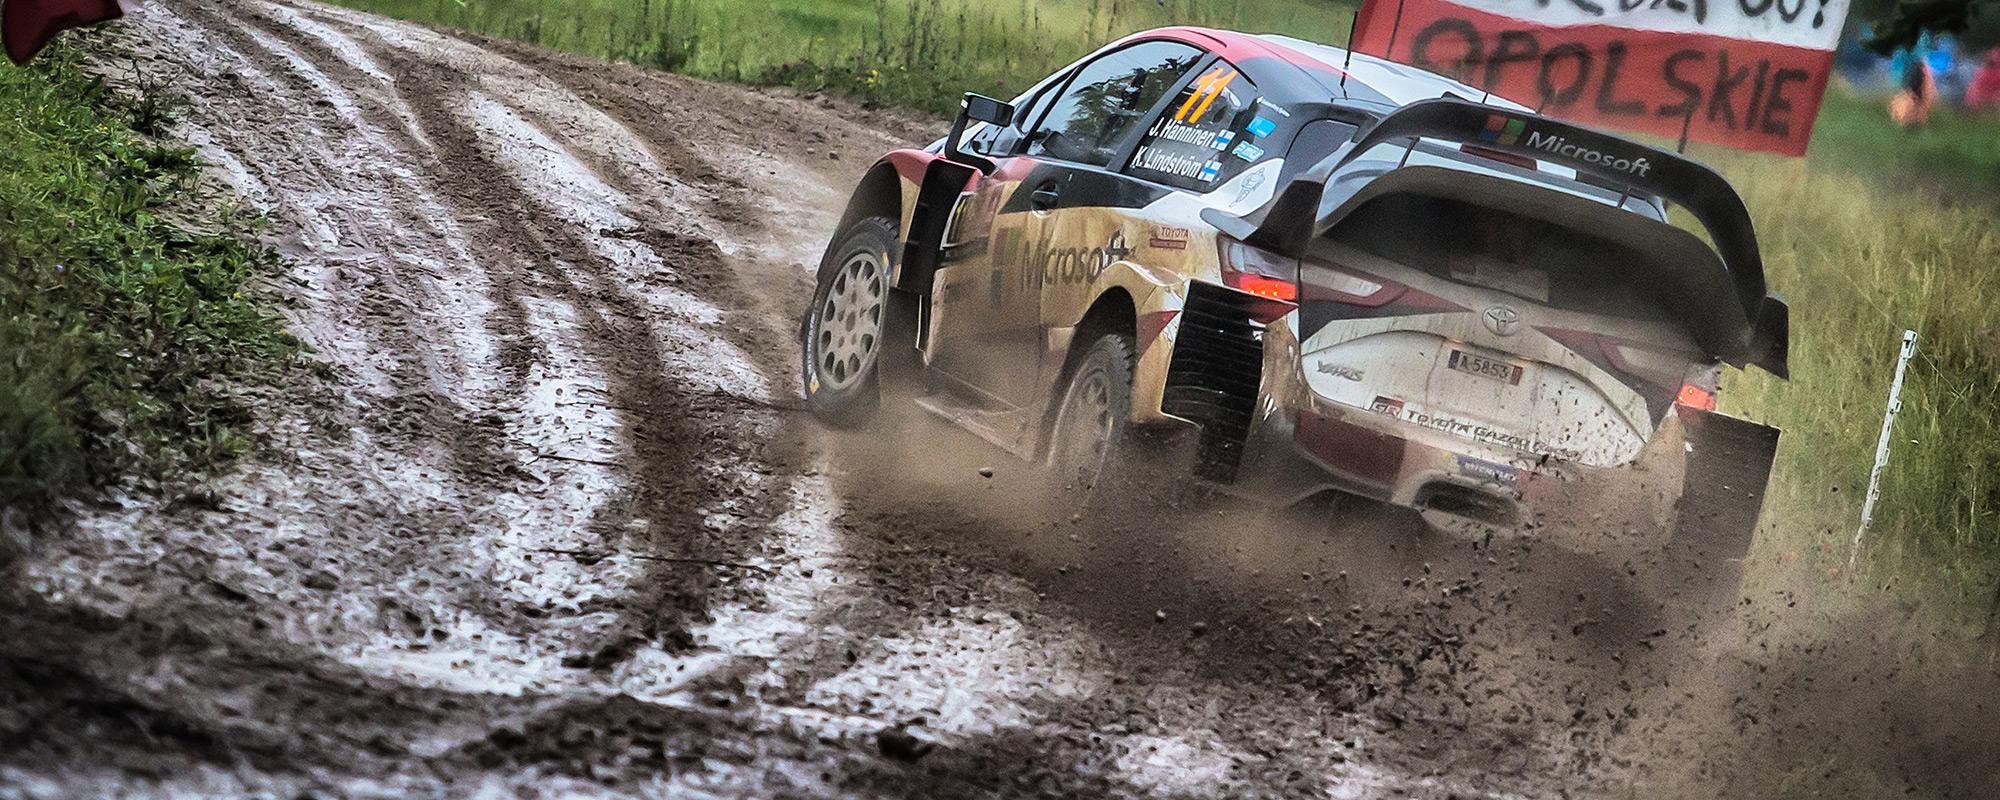 Toyota Yaris WRC domineert Power Stage in Rally van Polen